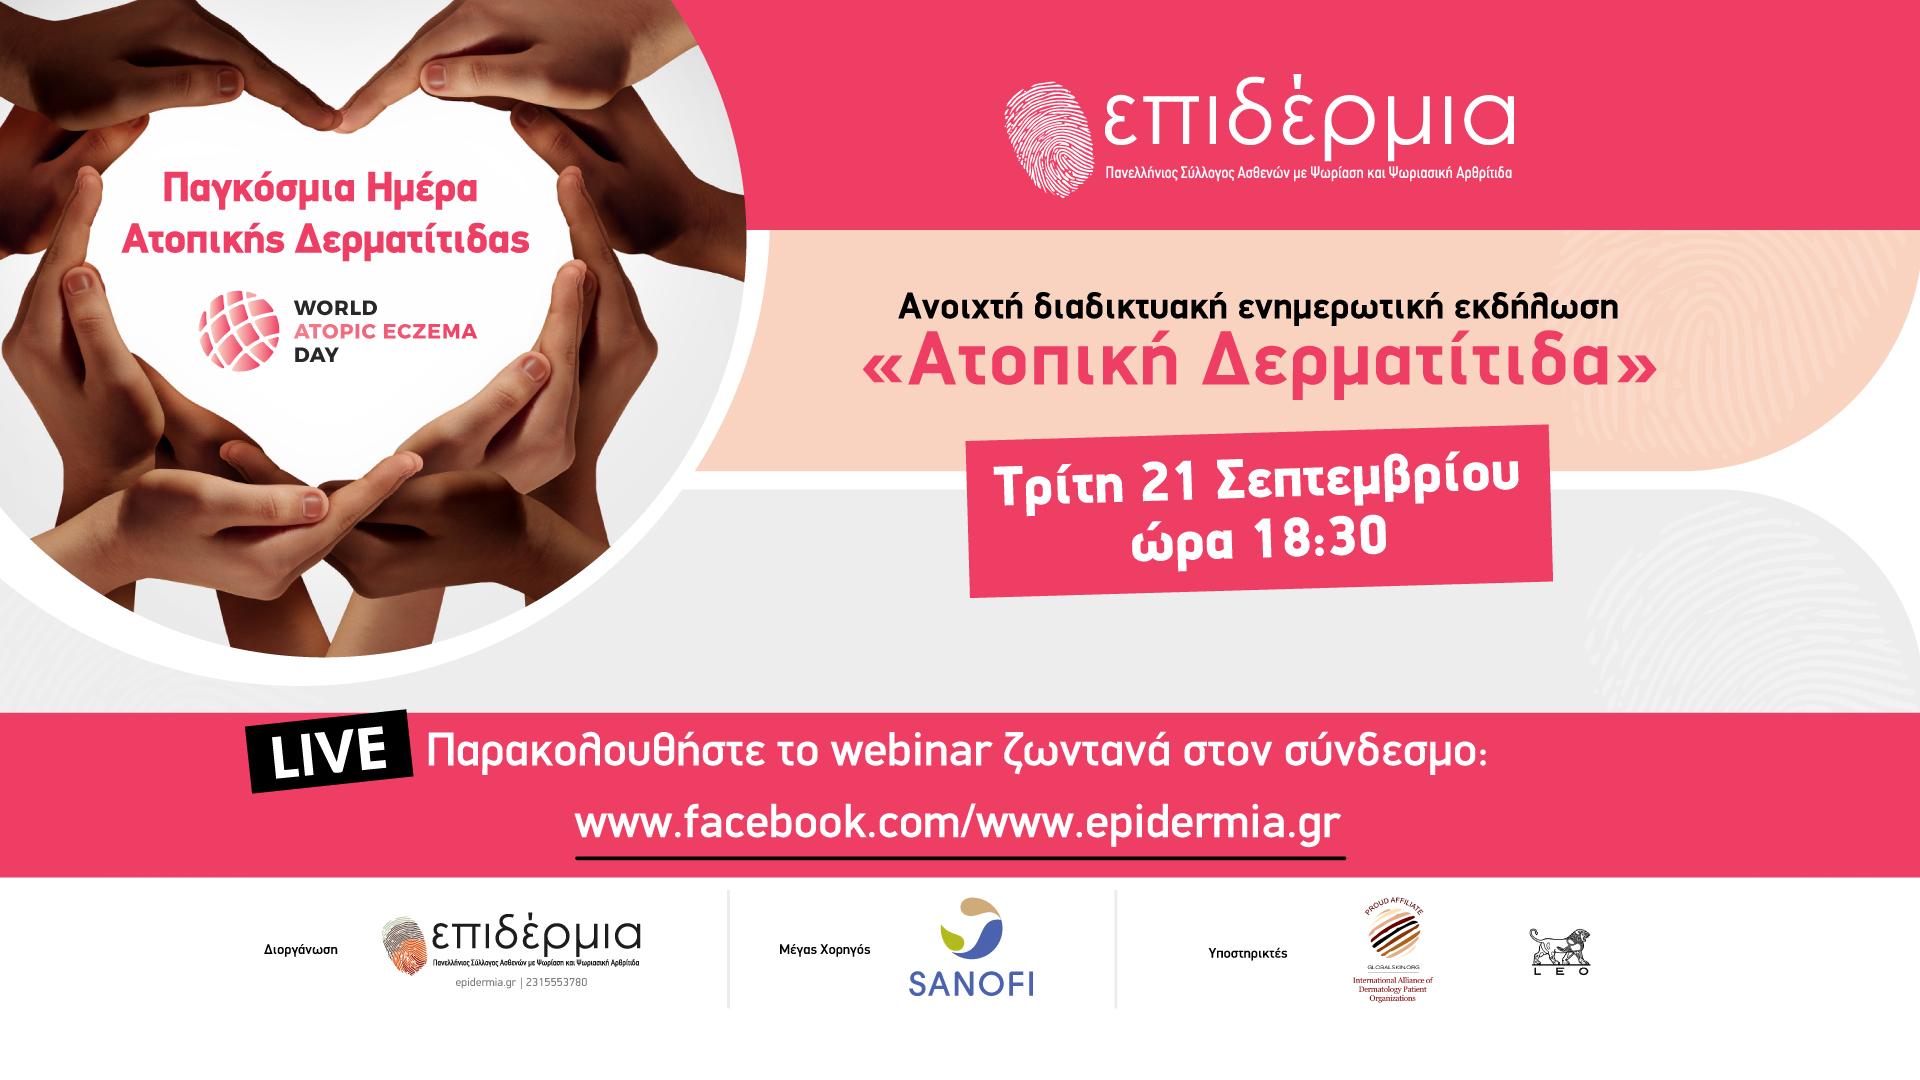 Παγκόσμια Ημέρα Ατοπικής Δερματίτιδας – Διαδικτυακή Εκδήλωση 21/9/2021